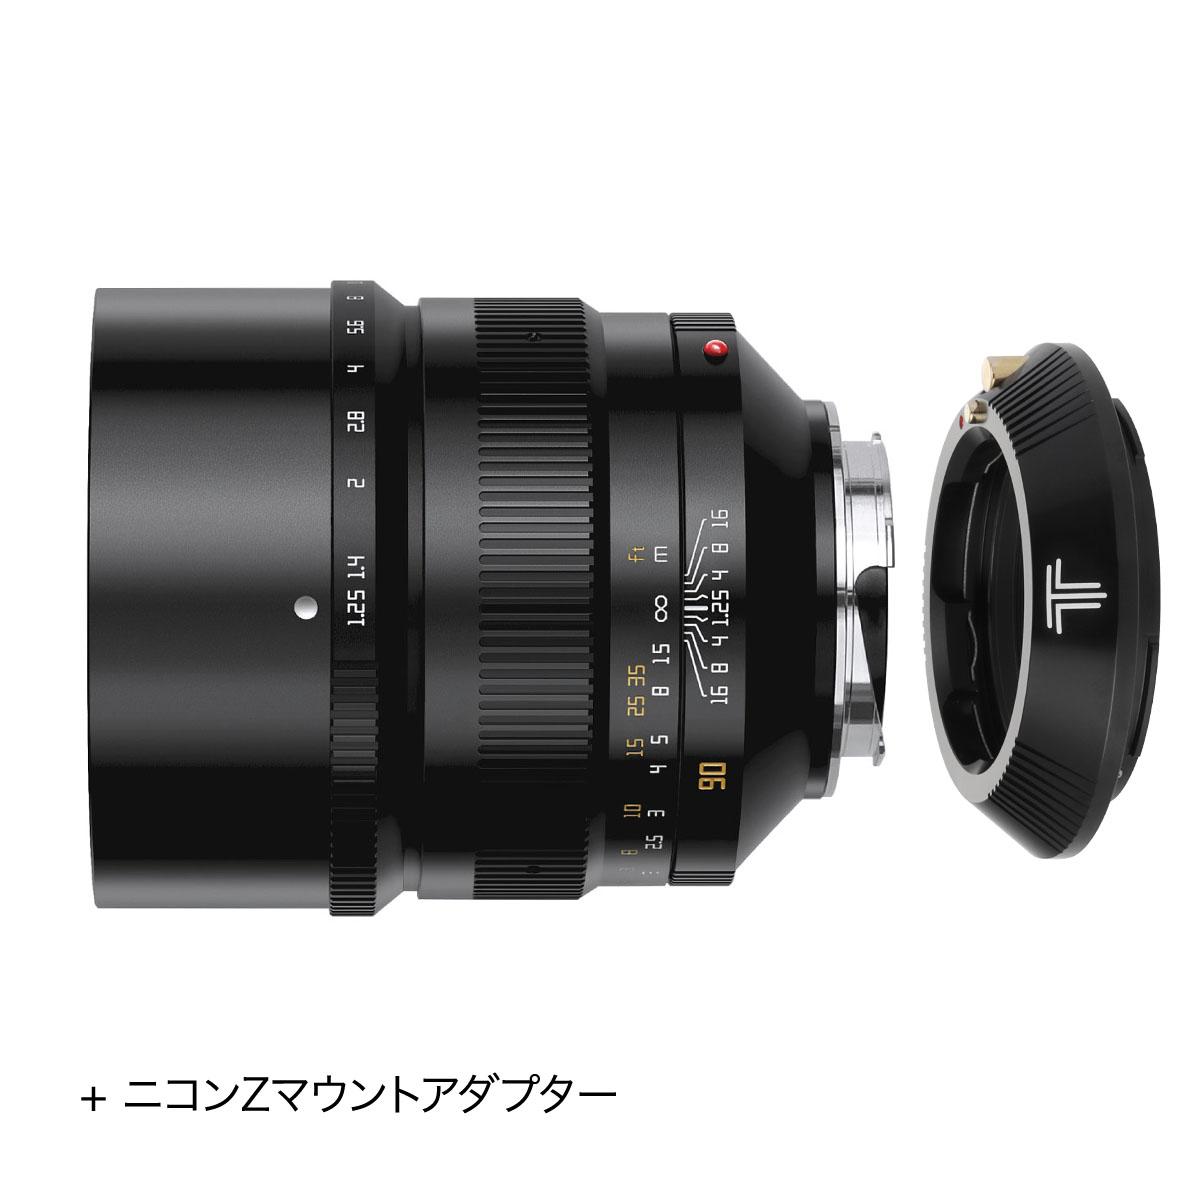 銘匠光学 TTArtisan 90mm f/1.25 ライカMマウント + マウントアダプター セット